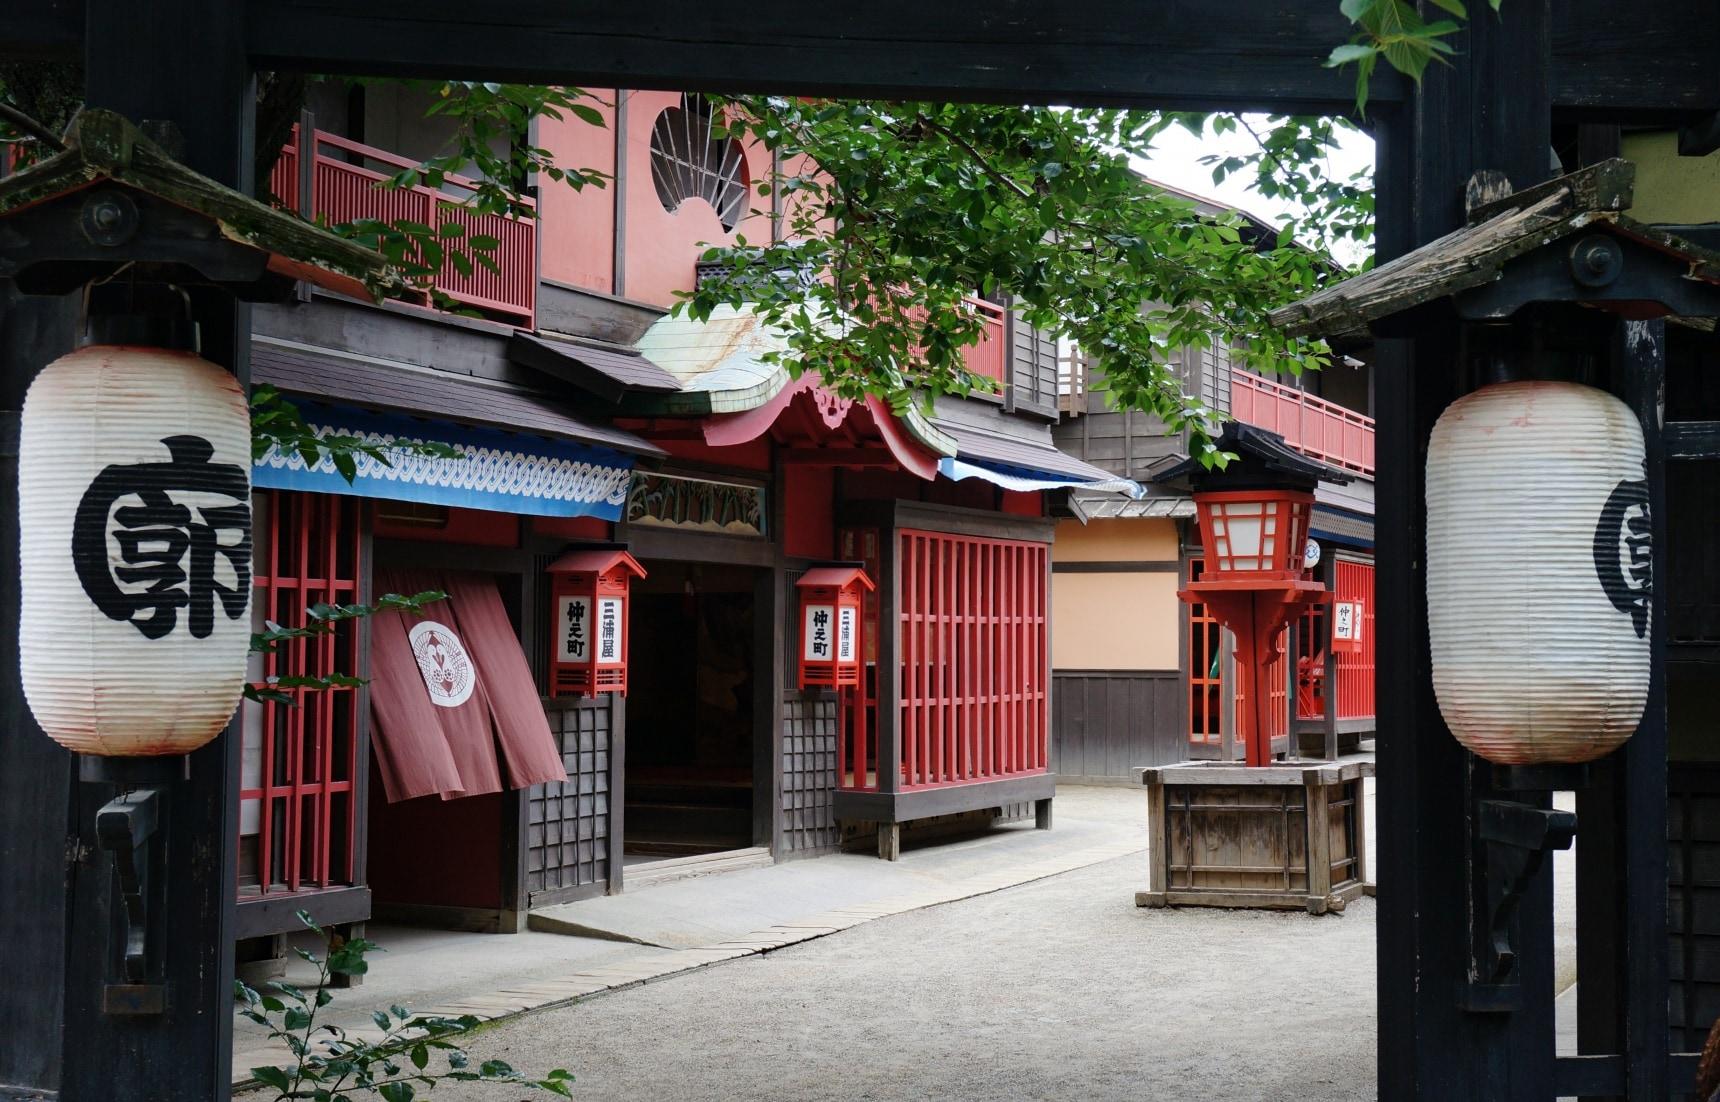 5 ที่เที่ยวในเกียวโตที่ไม่ใช่วัด (2019)